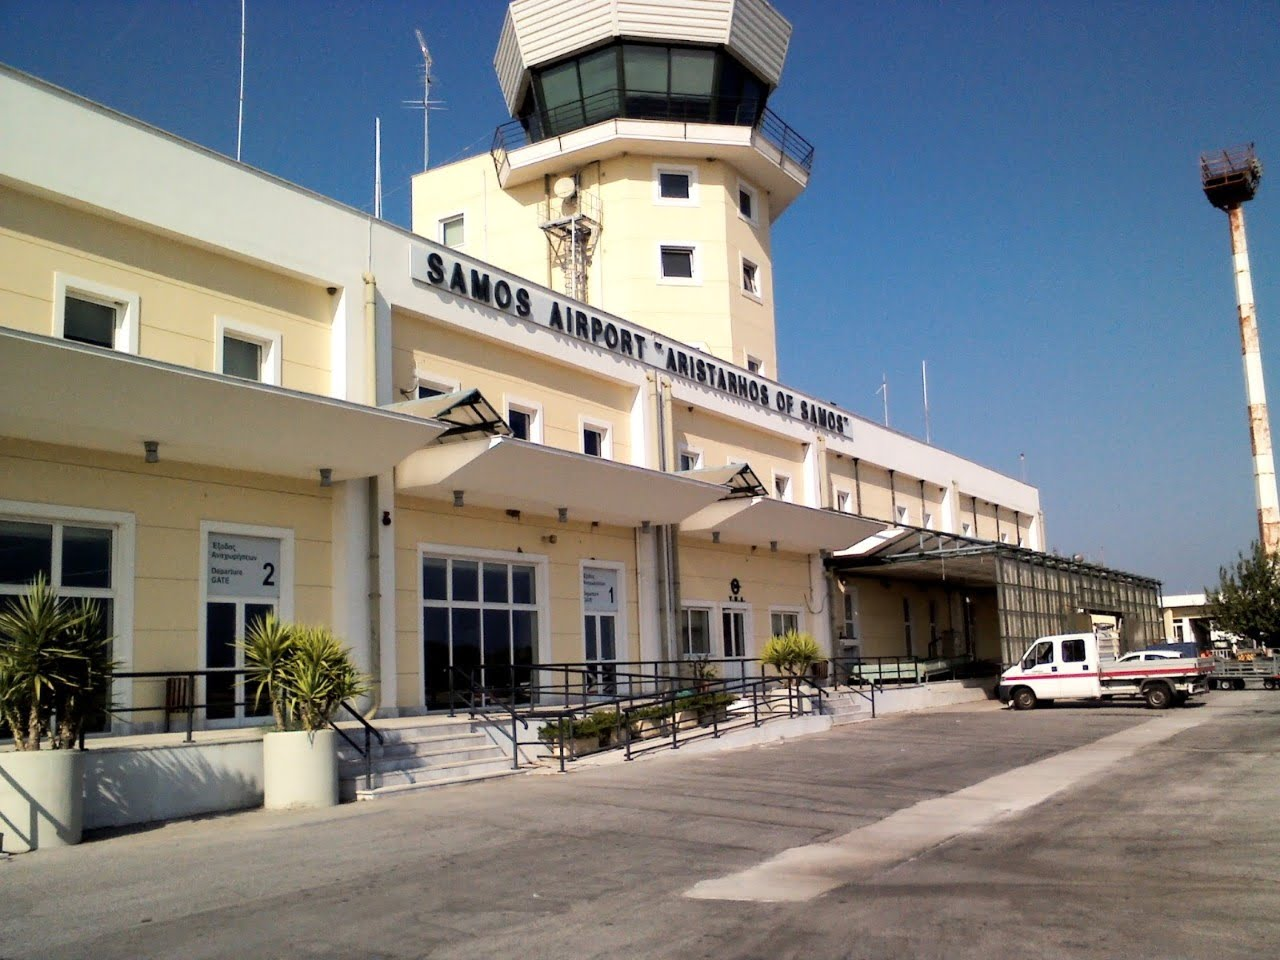 Σάμος - Οι πρώτες πτήσεις Charter:Τετάρτη (01/07) από Ελβετία και Πέμπτη (02/07) από Ολλανδία